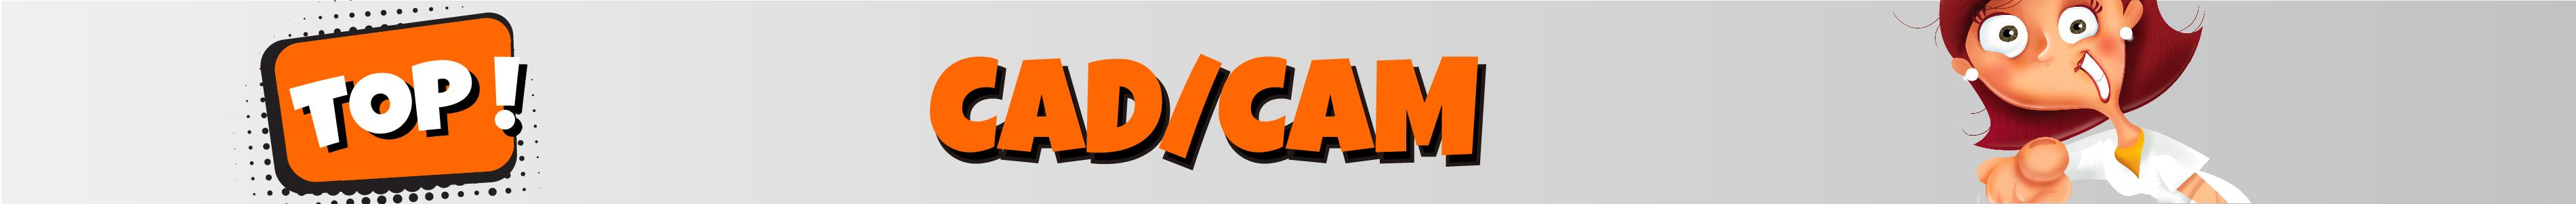 Cad/cam image